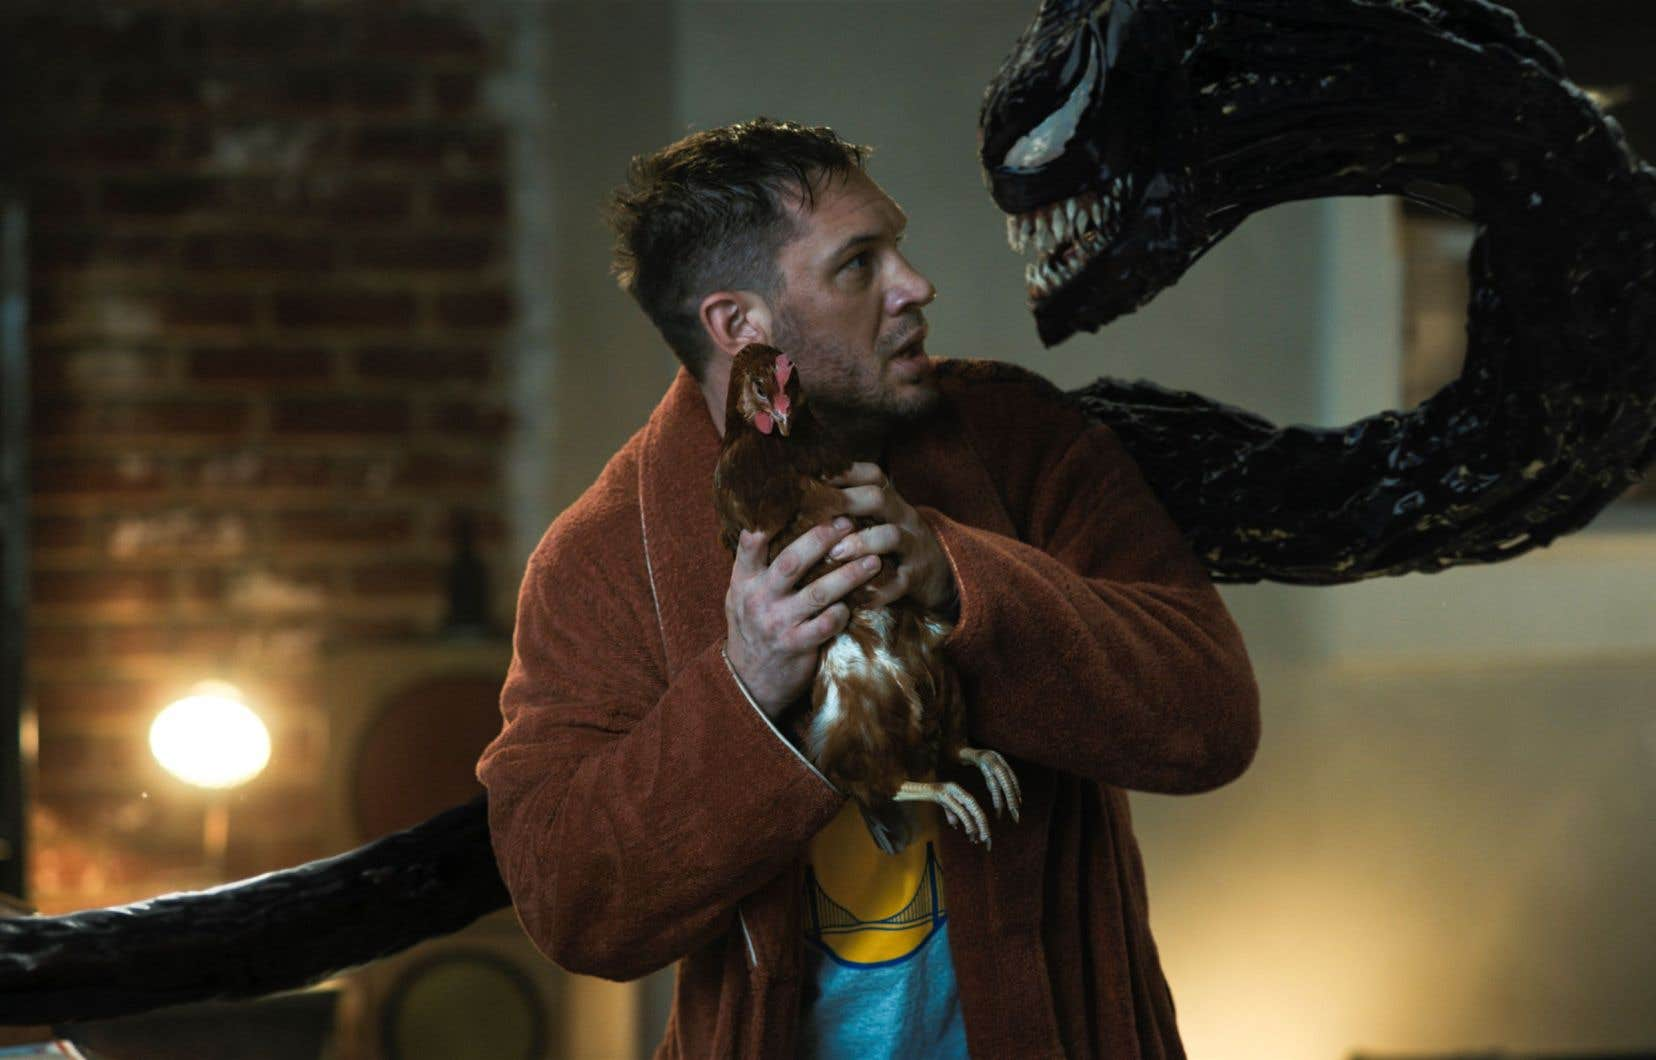 «Venom: Let There Be Carnage» partage avec son prédécesseur une qualité qui se perd parfois dans les «films de superhéros»: il ne se prend pas au sérieux. Et à ça, on applaudit.